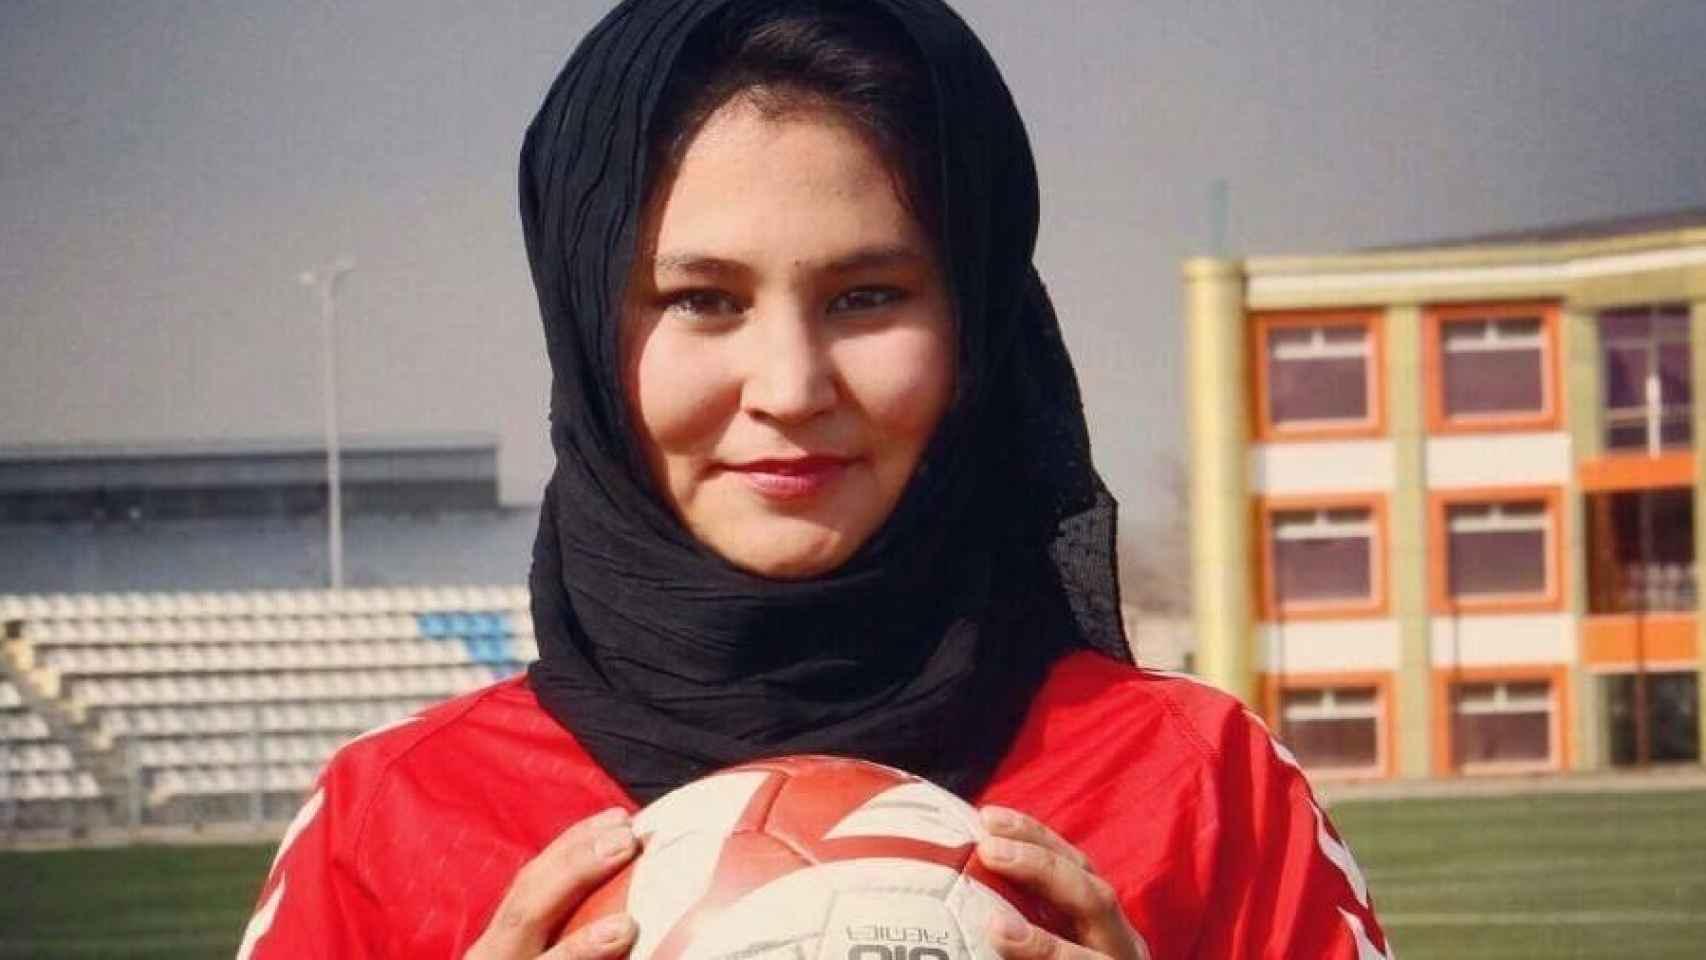 Hajar contó con el apoyo de sus padres para poder jugar al fútbol.